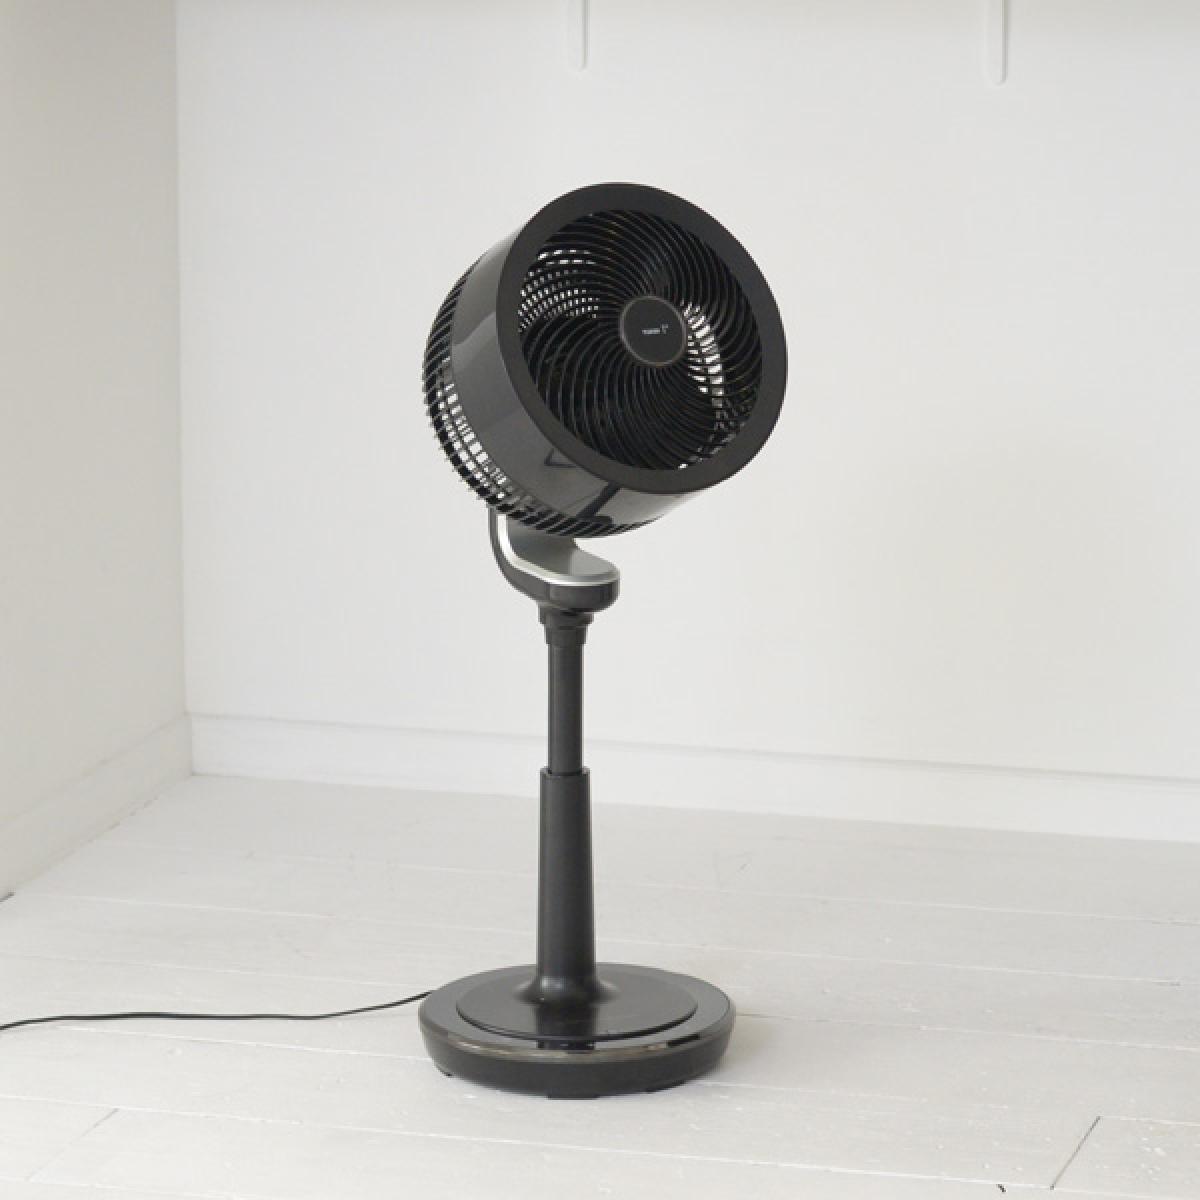 【エントリーでポイント9倍】スタンドサーキュレーター 扇風機 3DYCL-231AFR(K)【05/09 20:00~05/16 01:59】